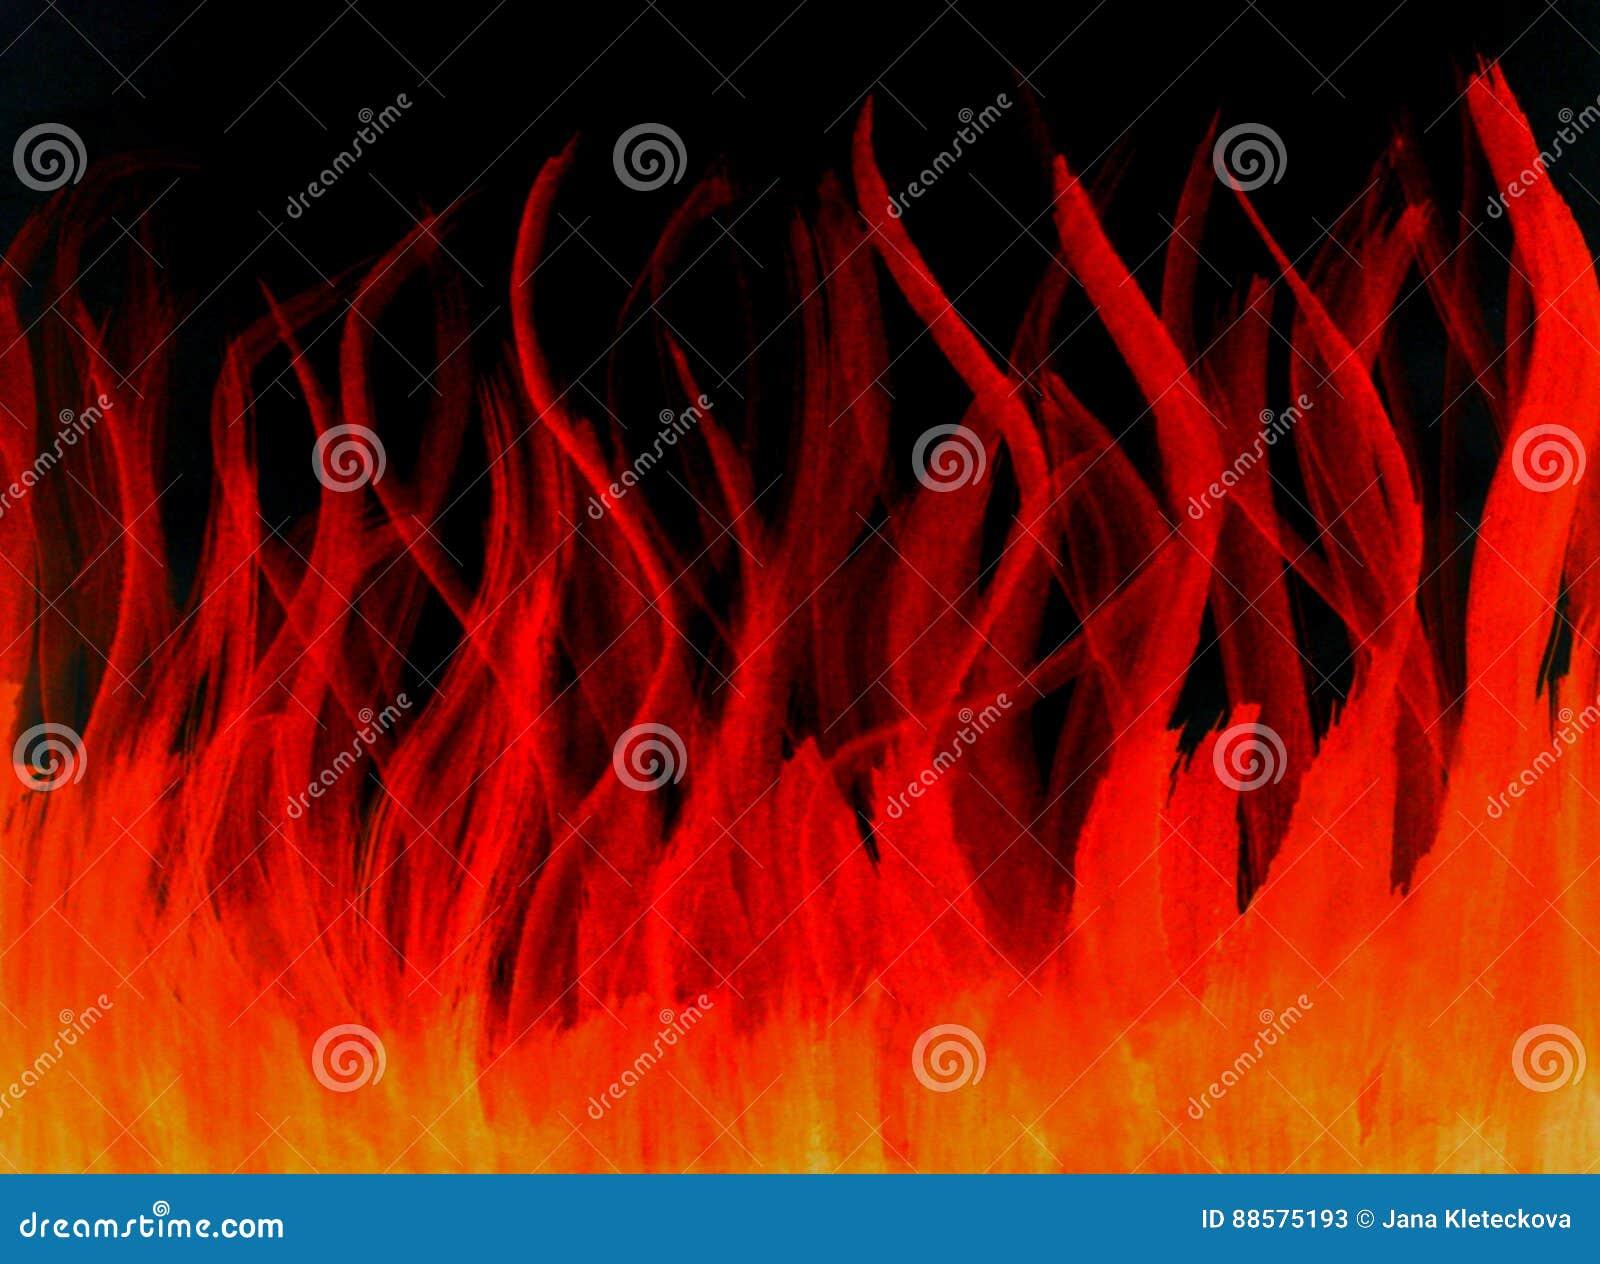 Mettez le feu à l aquarelle orange rouge chaude ardente dessinée d isolement